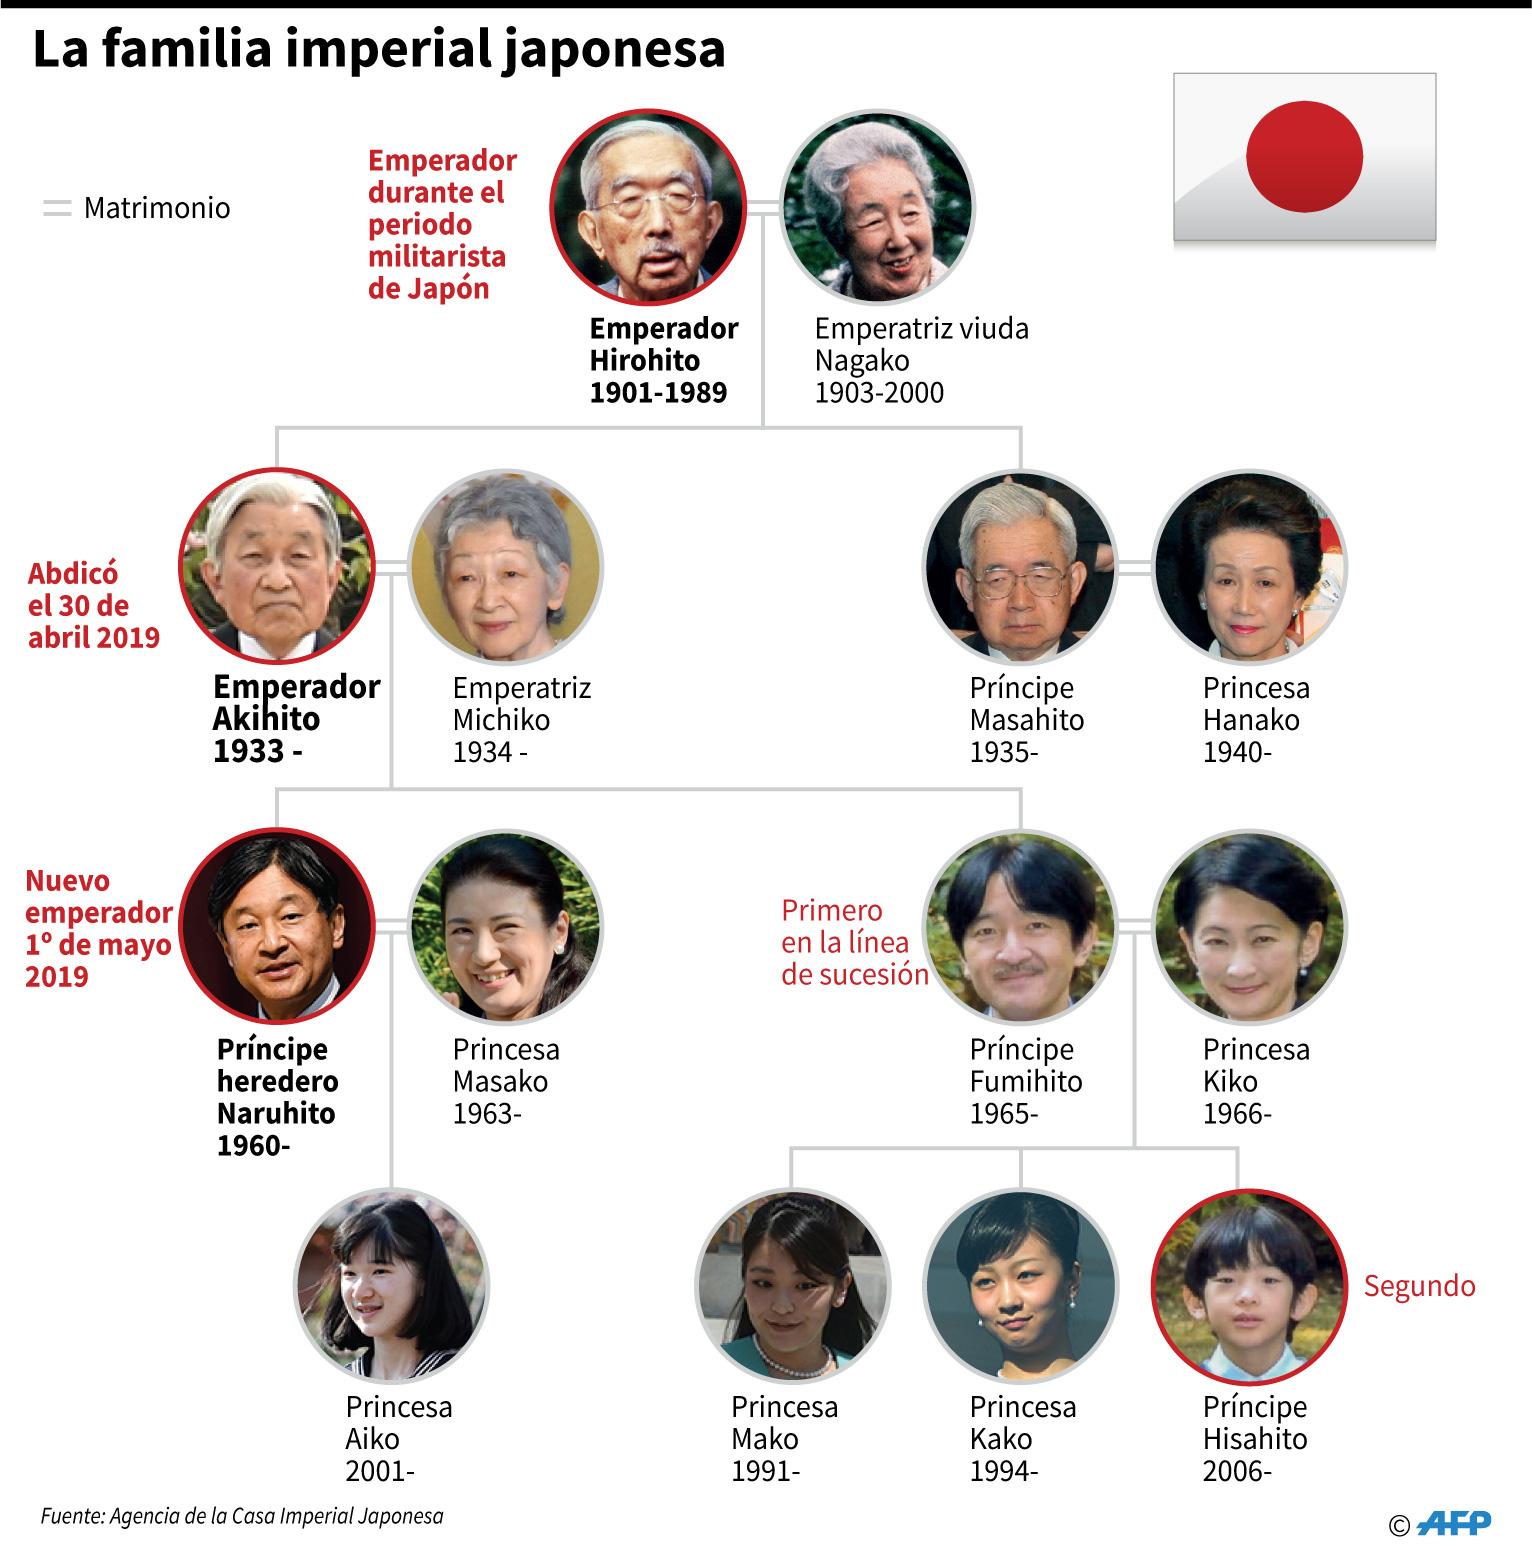 La linea de sucesión de la familia real japonesa. (AFP)